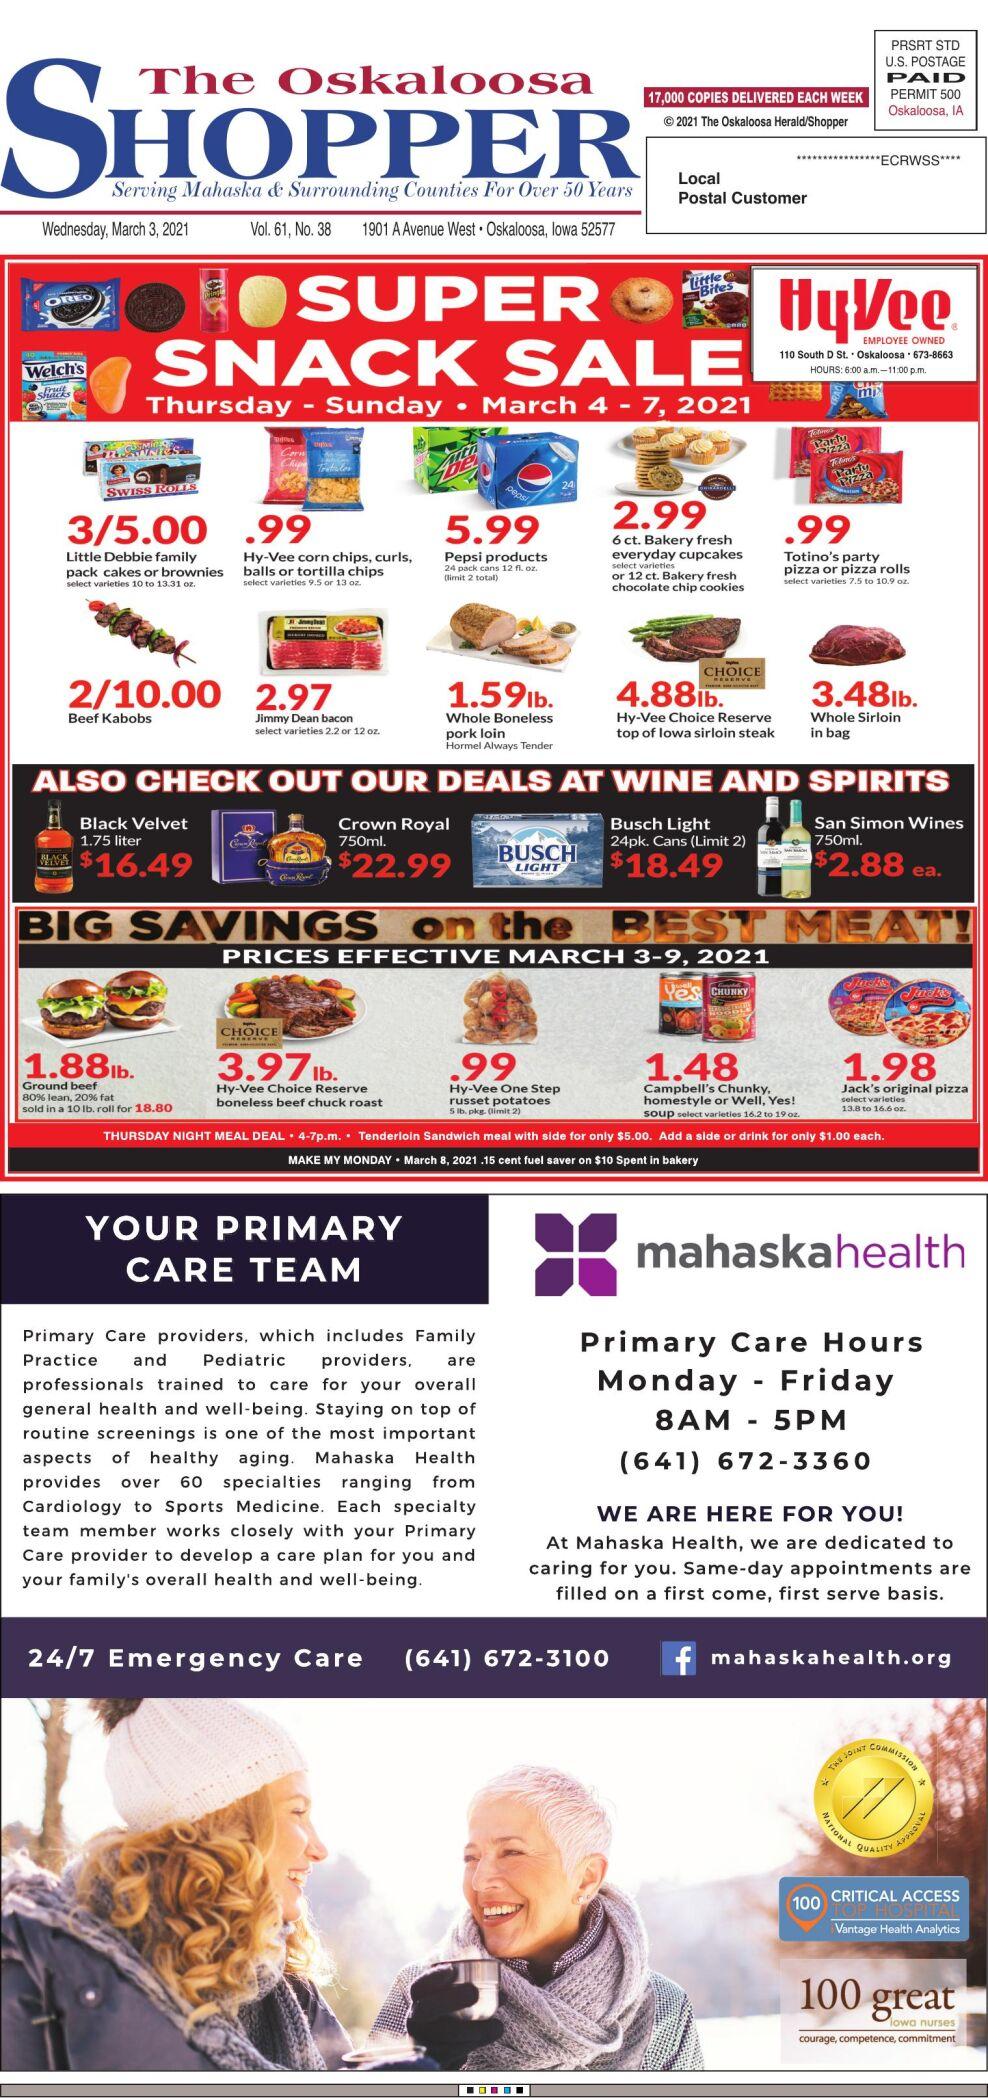 Oskaloosa Shopper week of 03/03/21